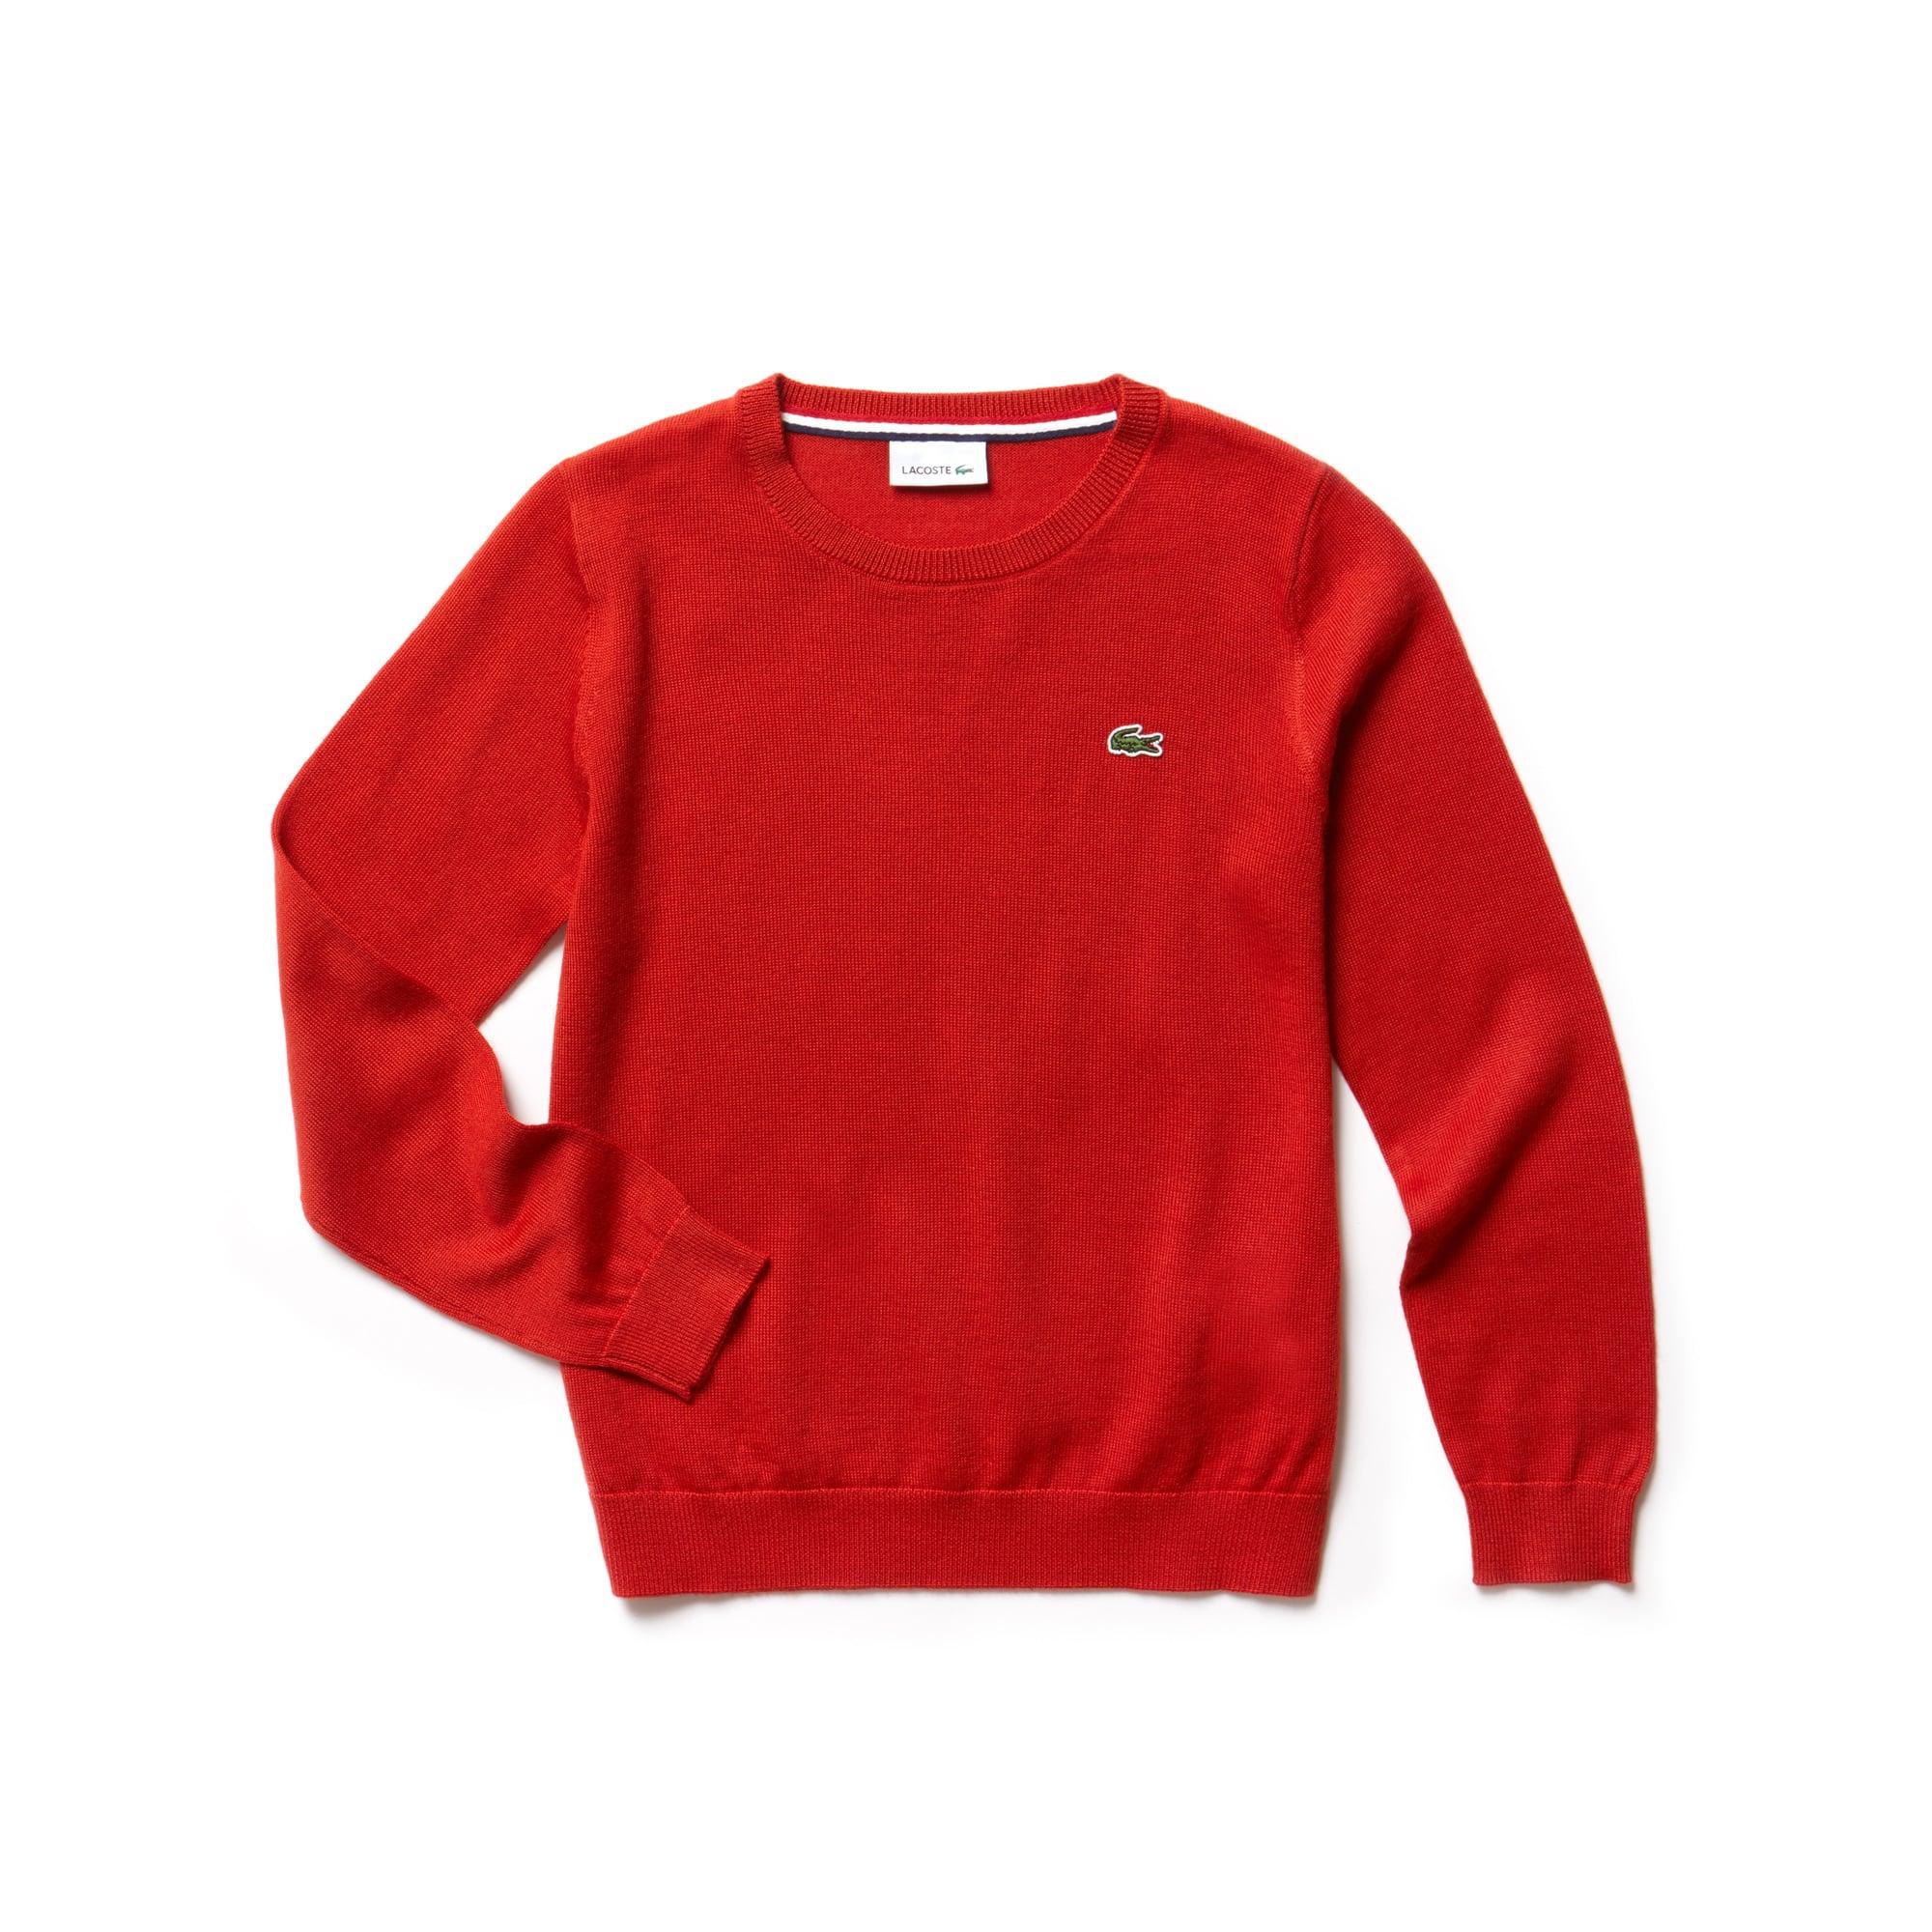 Jersey de niño en punto de mezcla de lana con cuello redondo